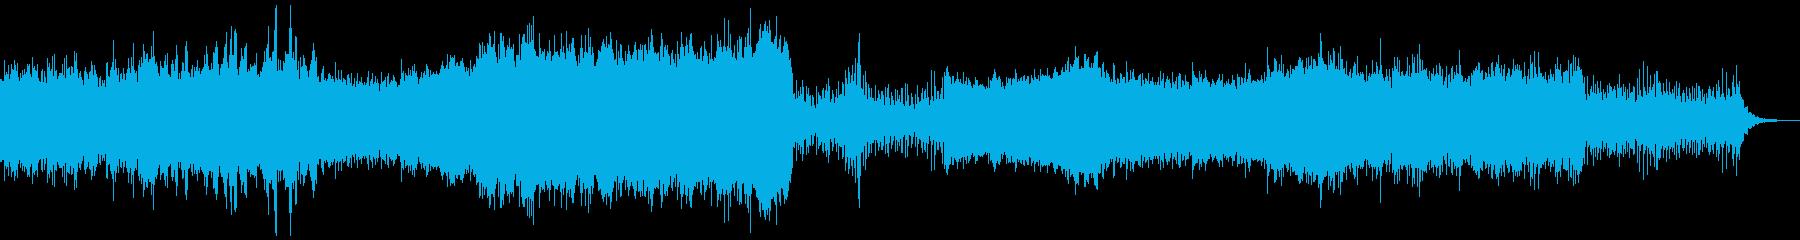 爽やかで明るい新商品発表的なシンセBGMの再生済みの波形